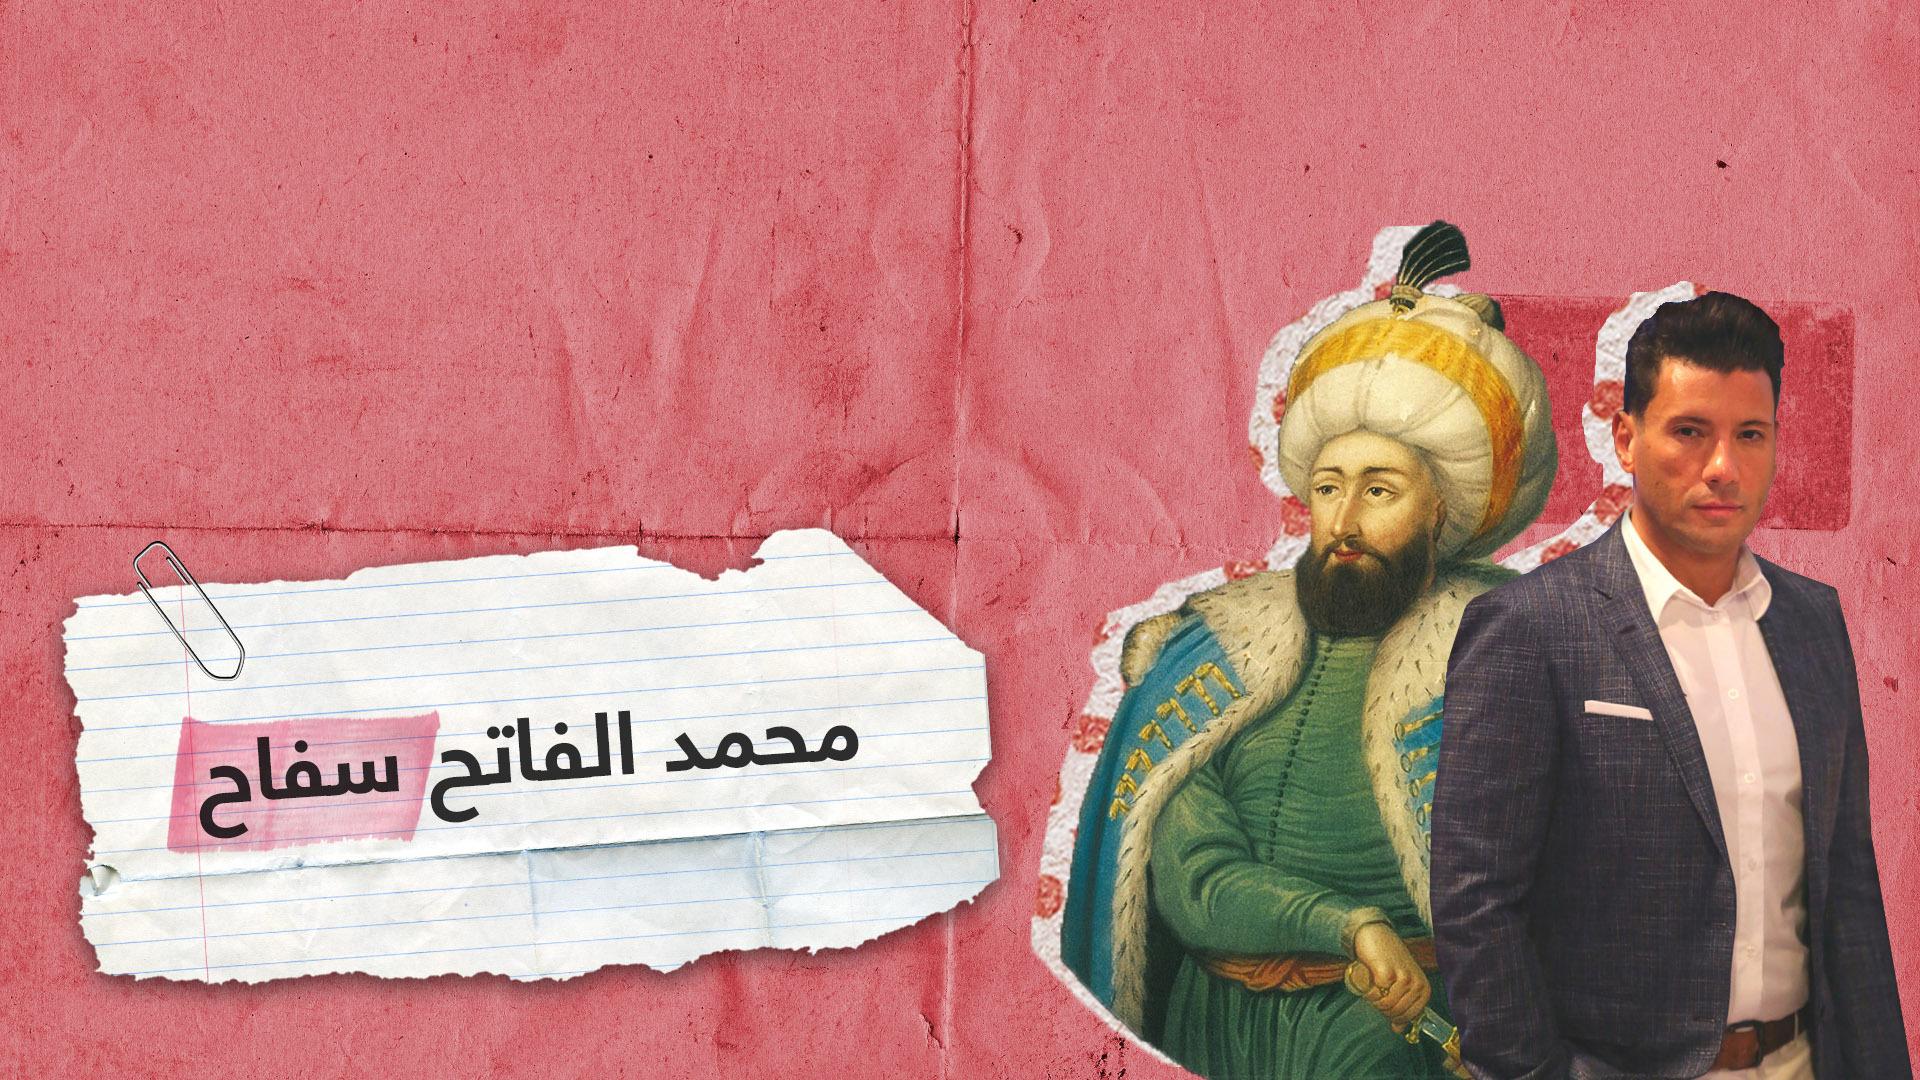 تصريحات باحث مصري عن محمد الفاتح تثير جدلا على مواقع التواصل الاجتماعي